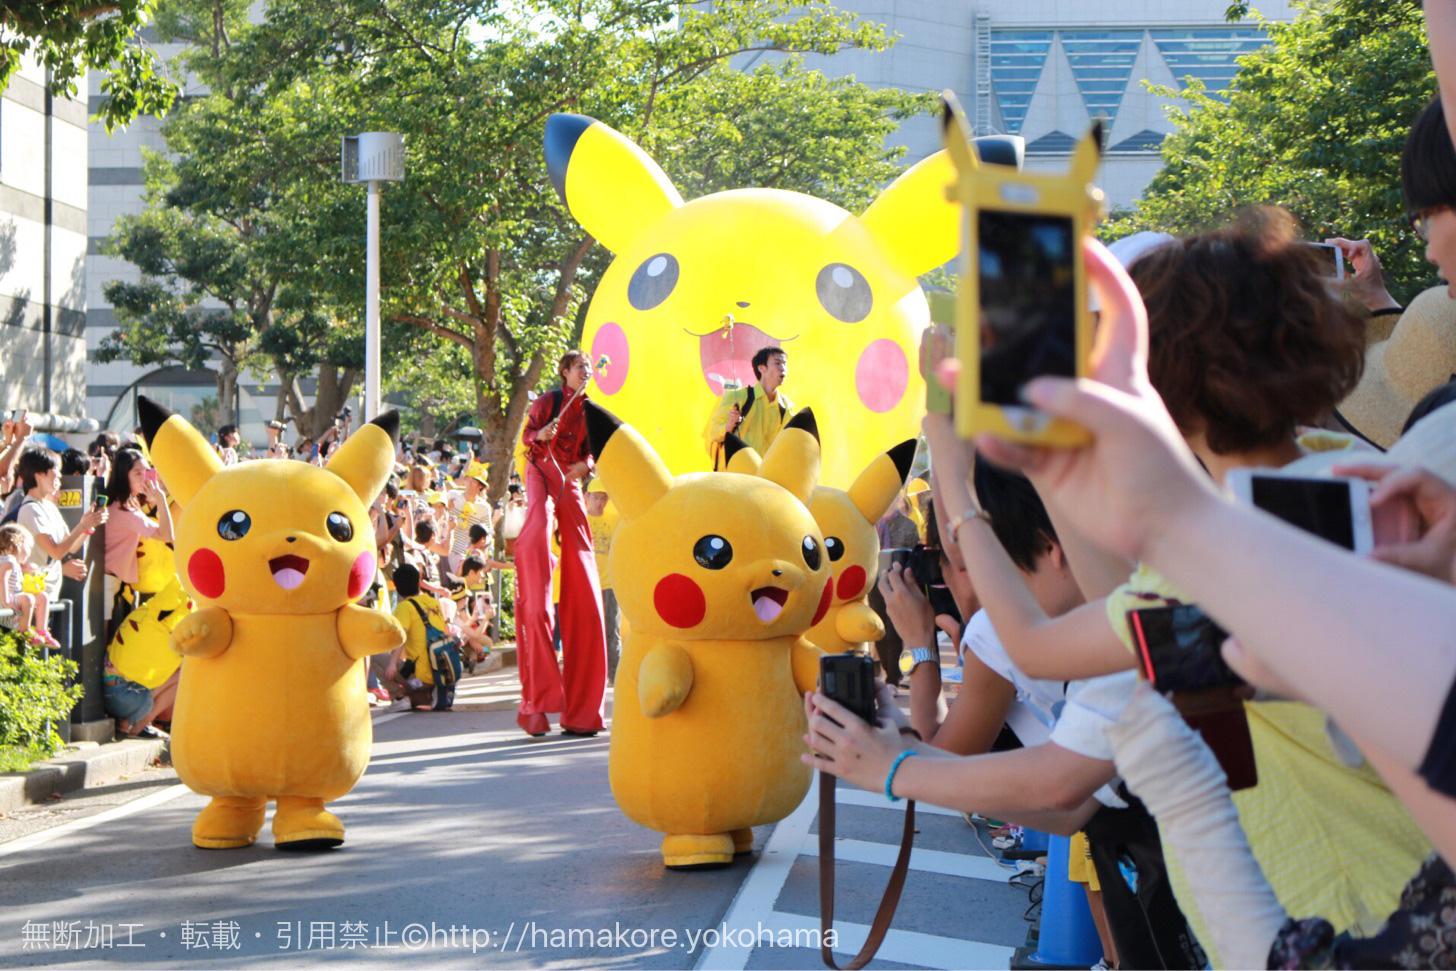 2017年 ピカチュウ大量発生チュウ!のパレードが8月14日に開催!今年は場所が変更に